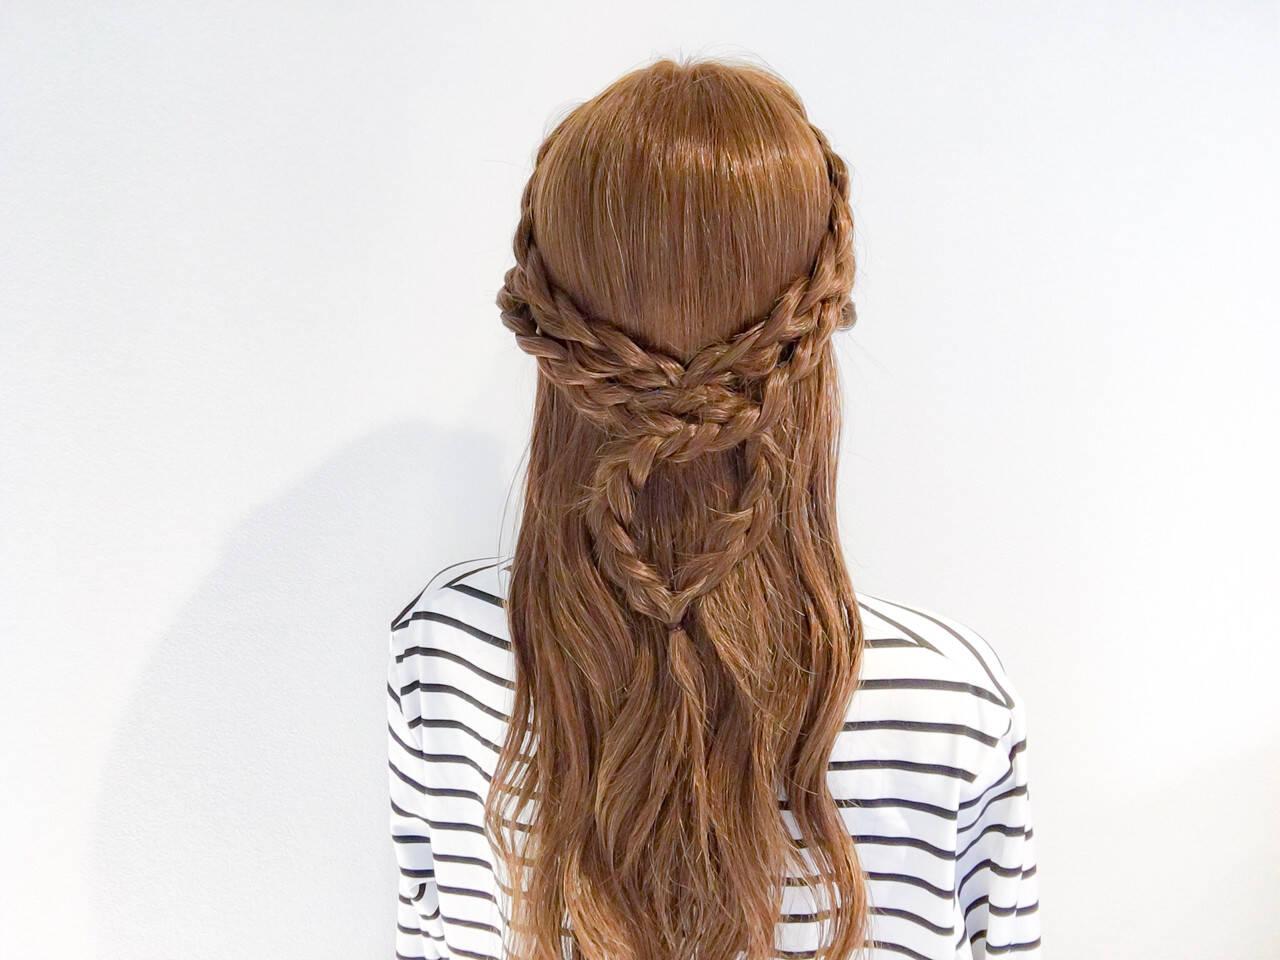 アウトドア ハーフアップ 三つ編み 大人女子ヘアスタイルや髪型の写真・画像